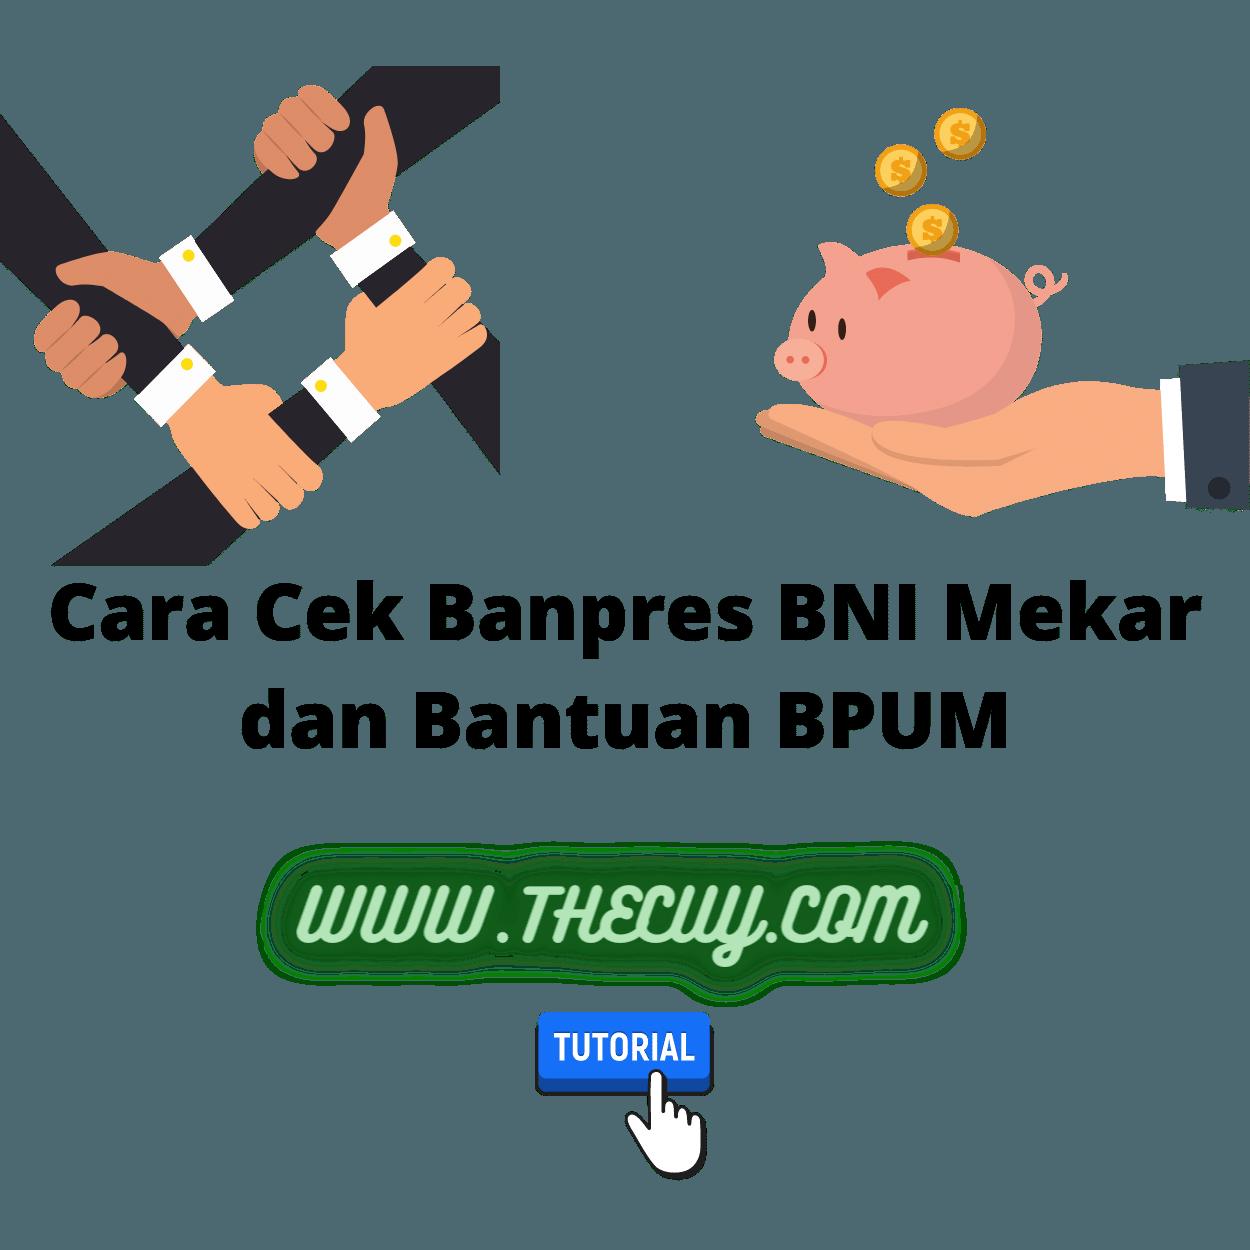 Cara Cek Banpres BNI Mekar dan Bantuan BPUM